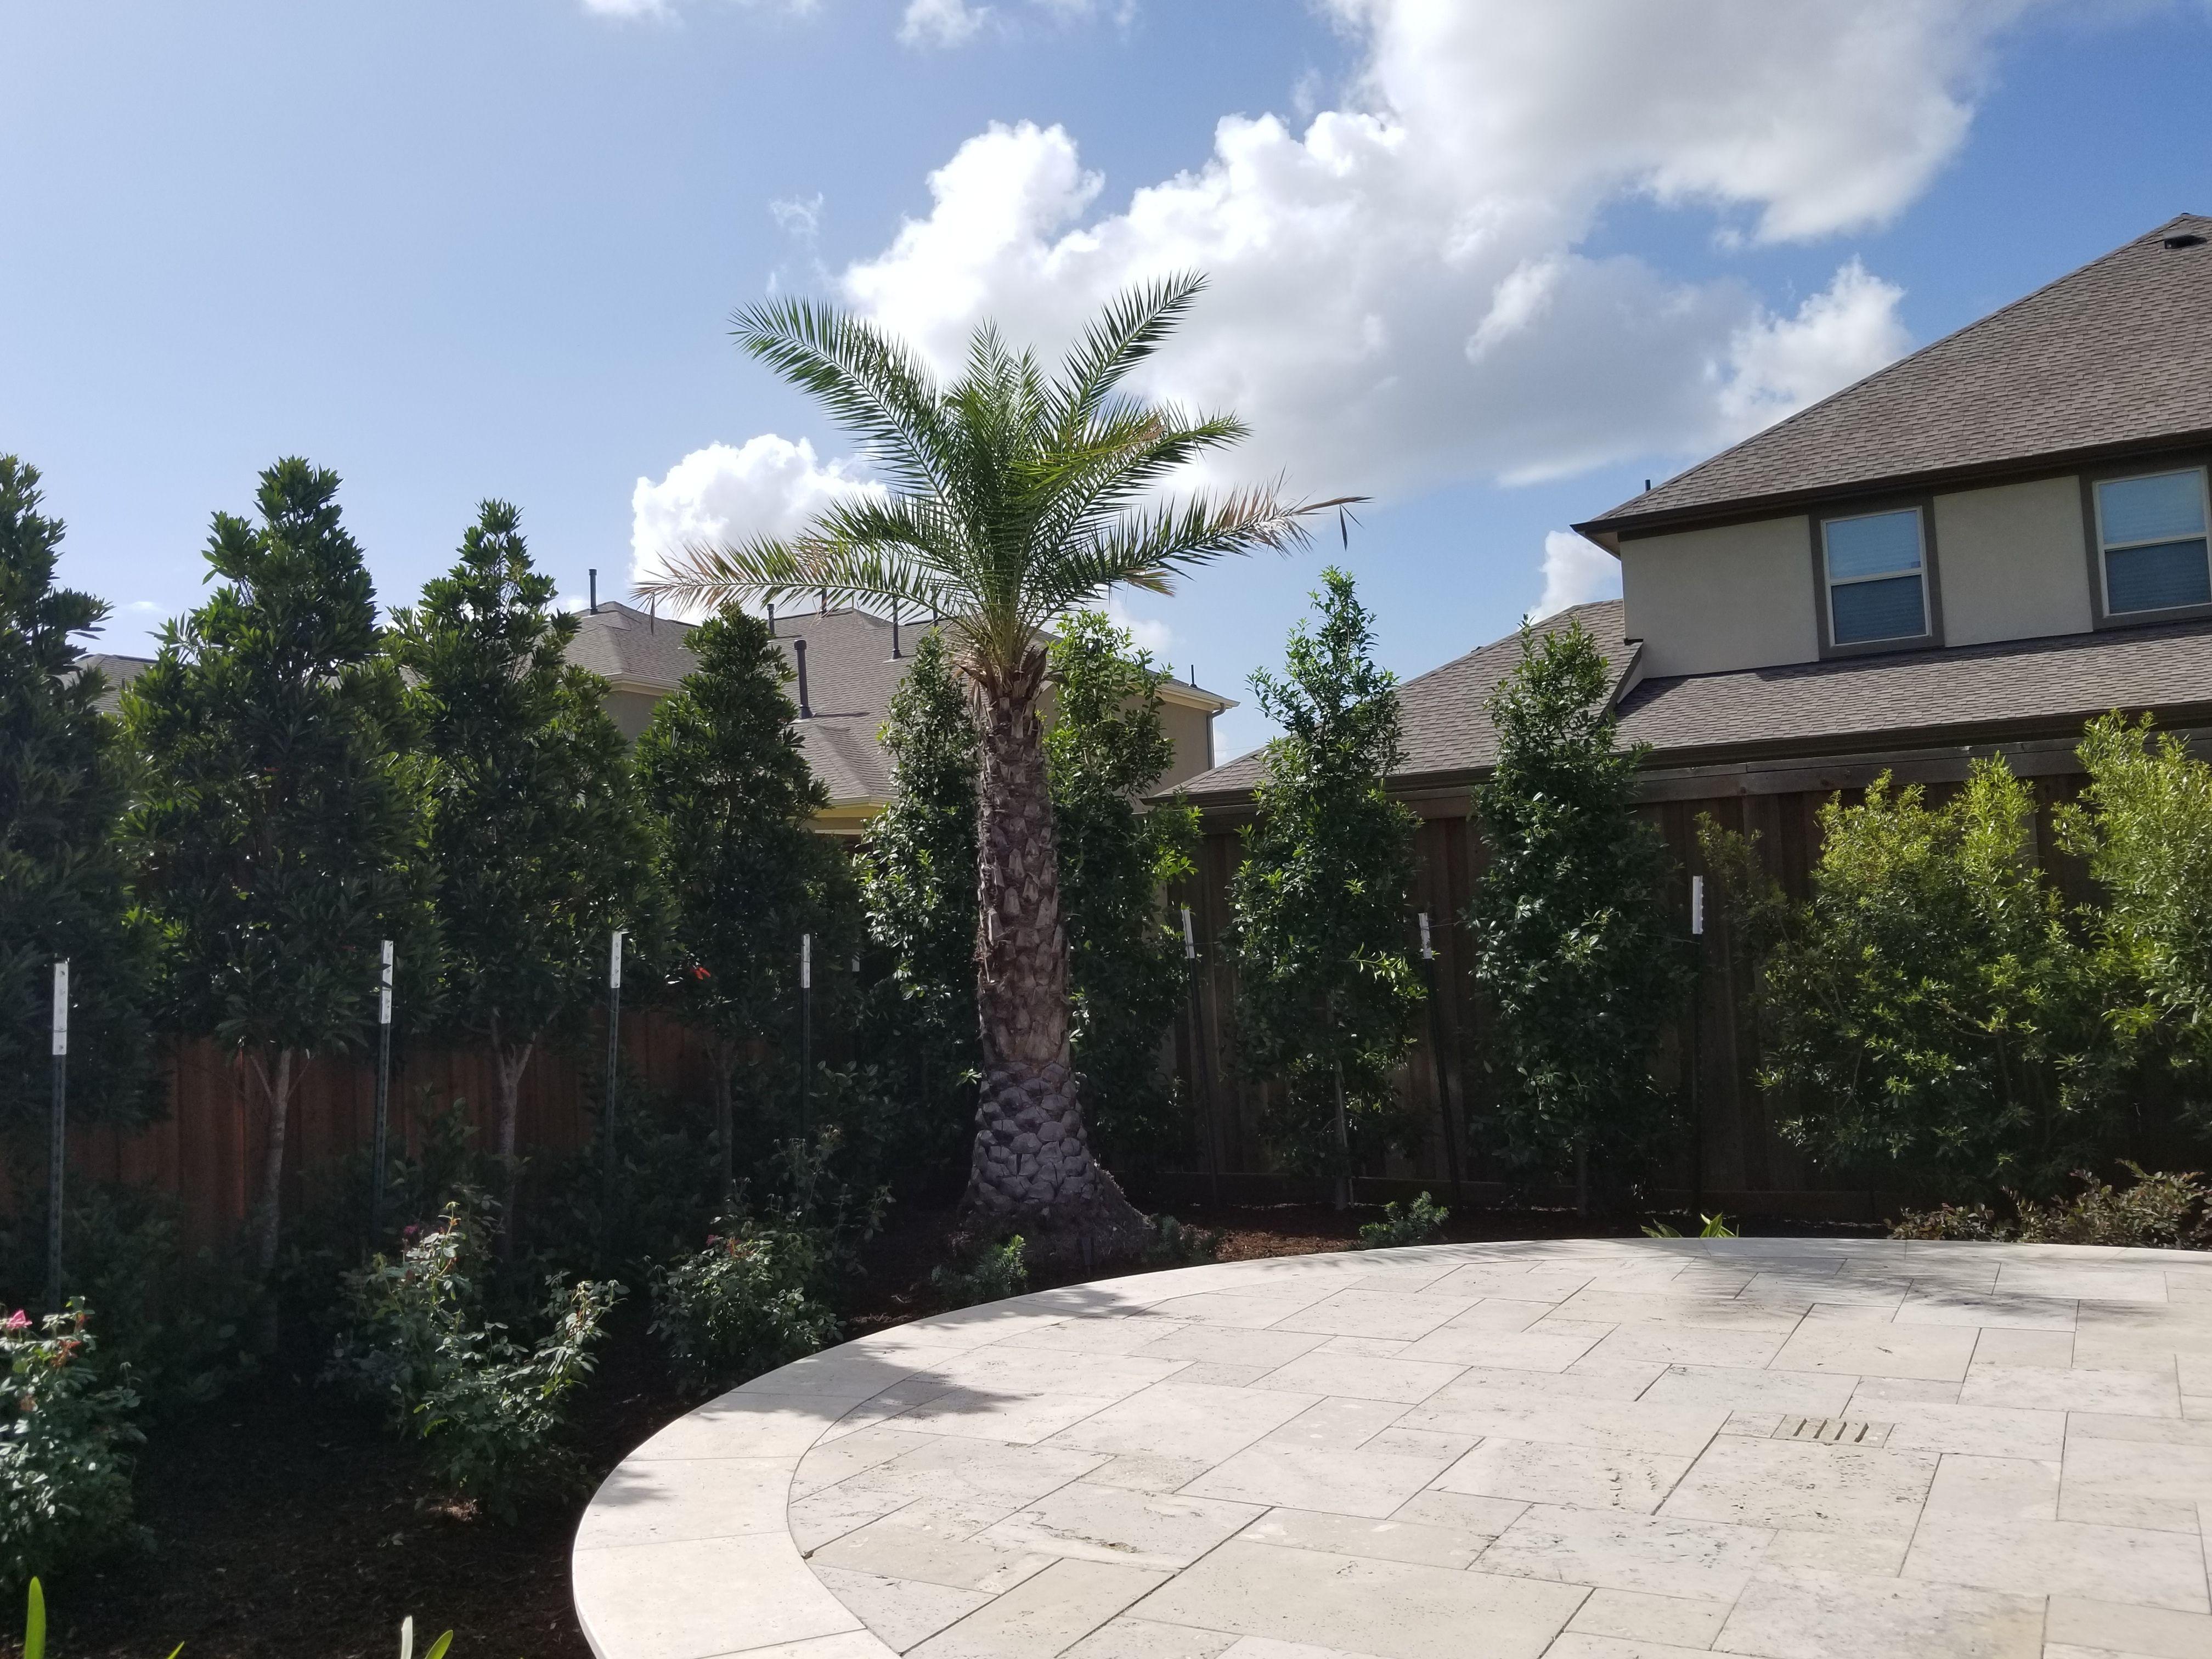 A Palm Sylvester And Privacy Hedge Landscape Services Landscape Dream Landscape